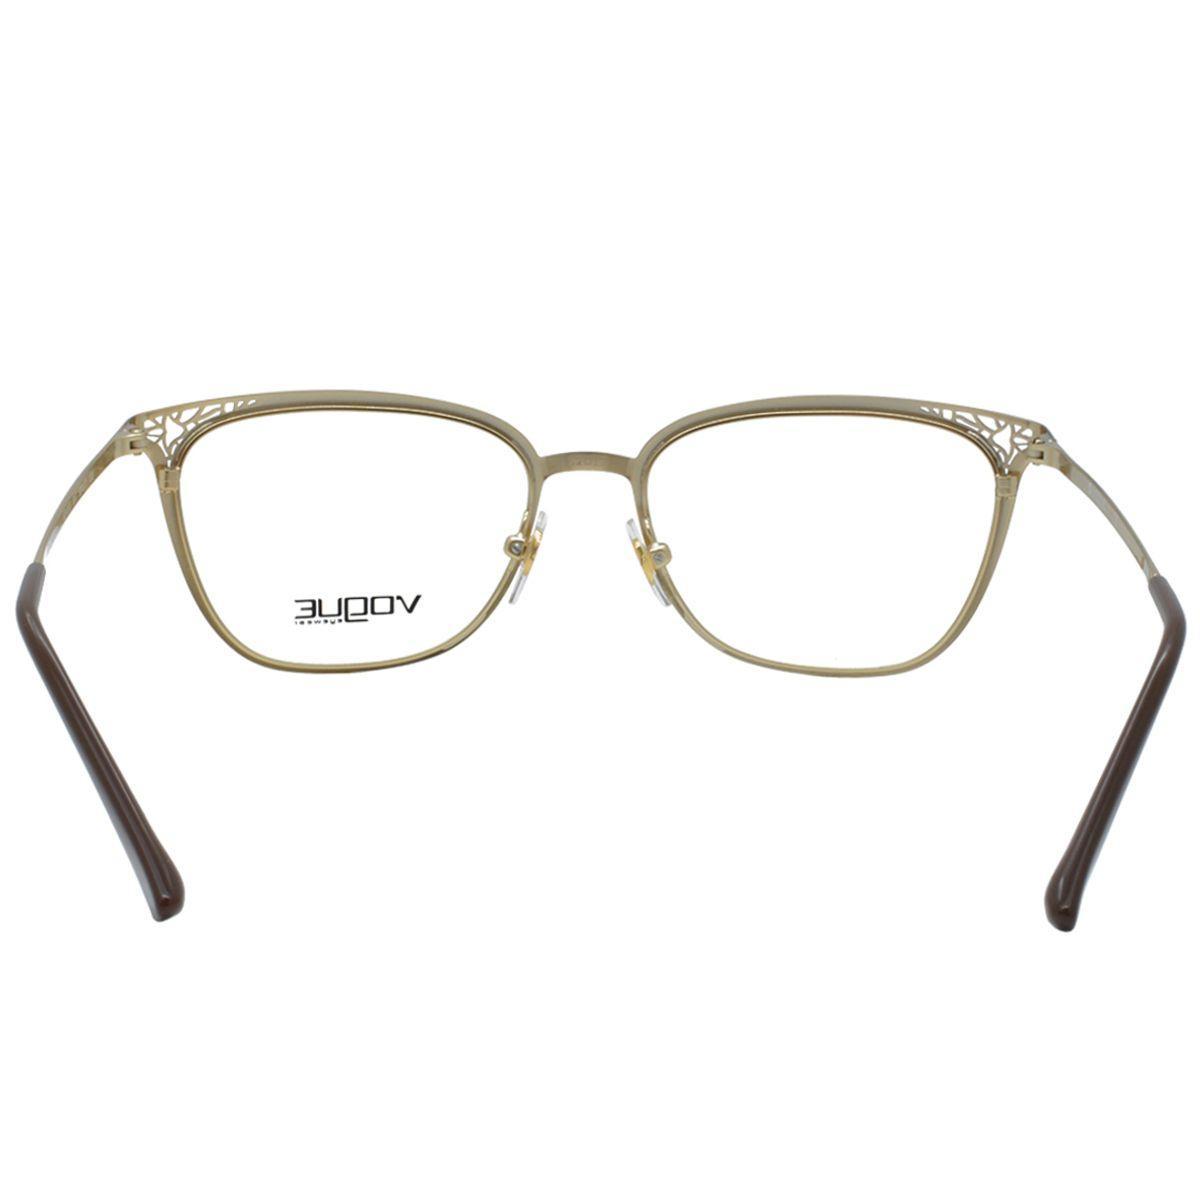 1006dc30bd4e3 Óculos de Grau Vogue Feminino VO4103 997 - Metal Marrom e Dourado Degradê  R  423